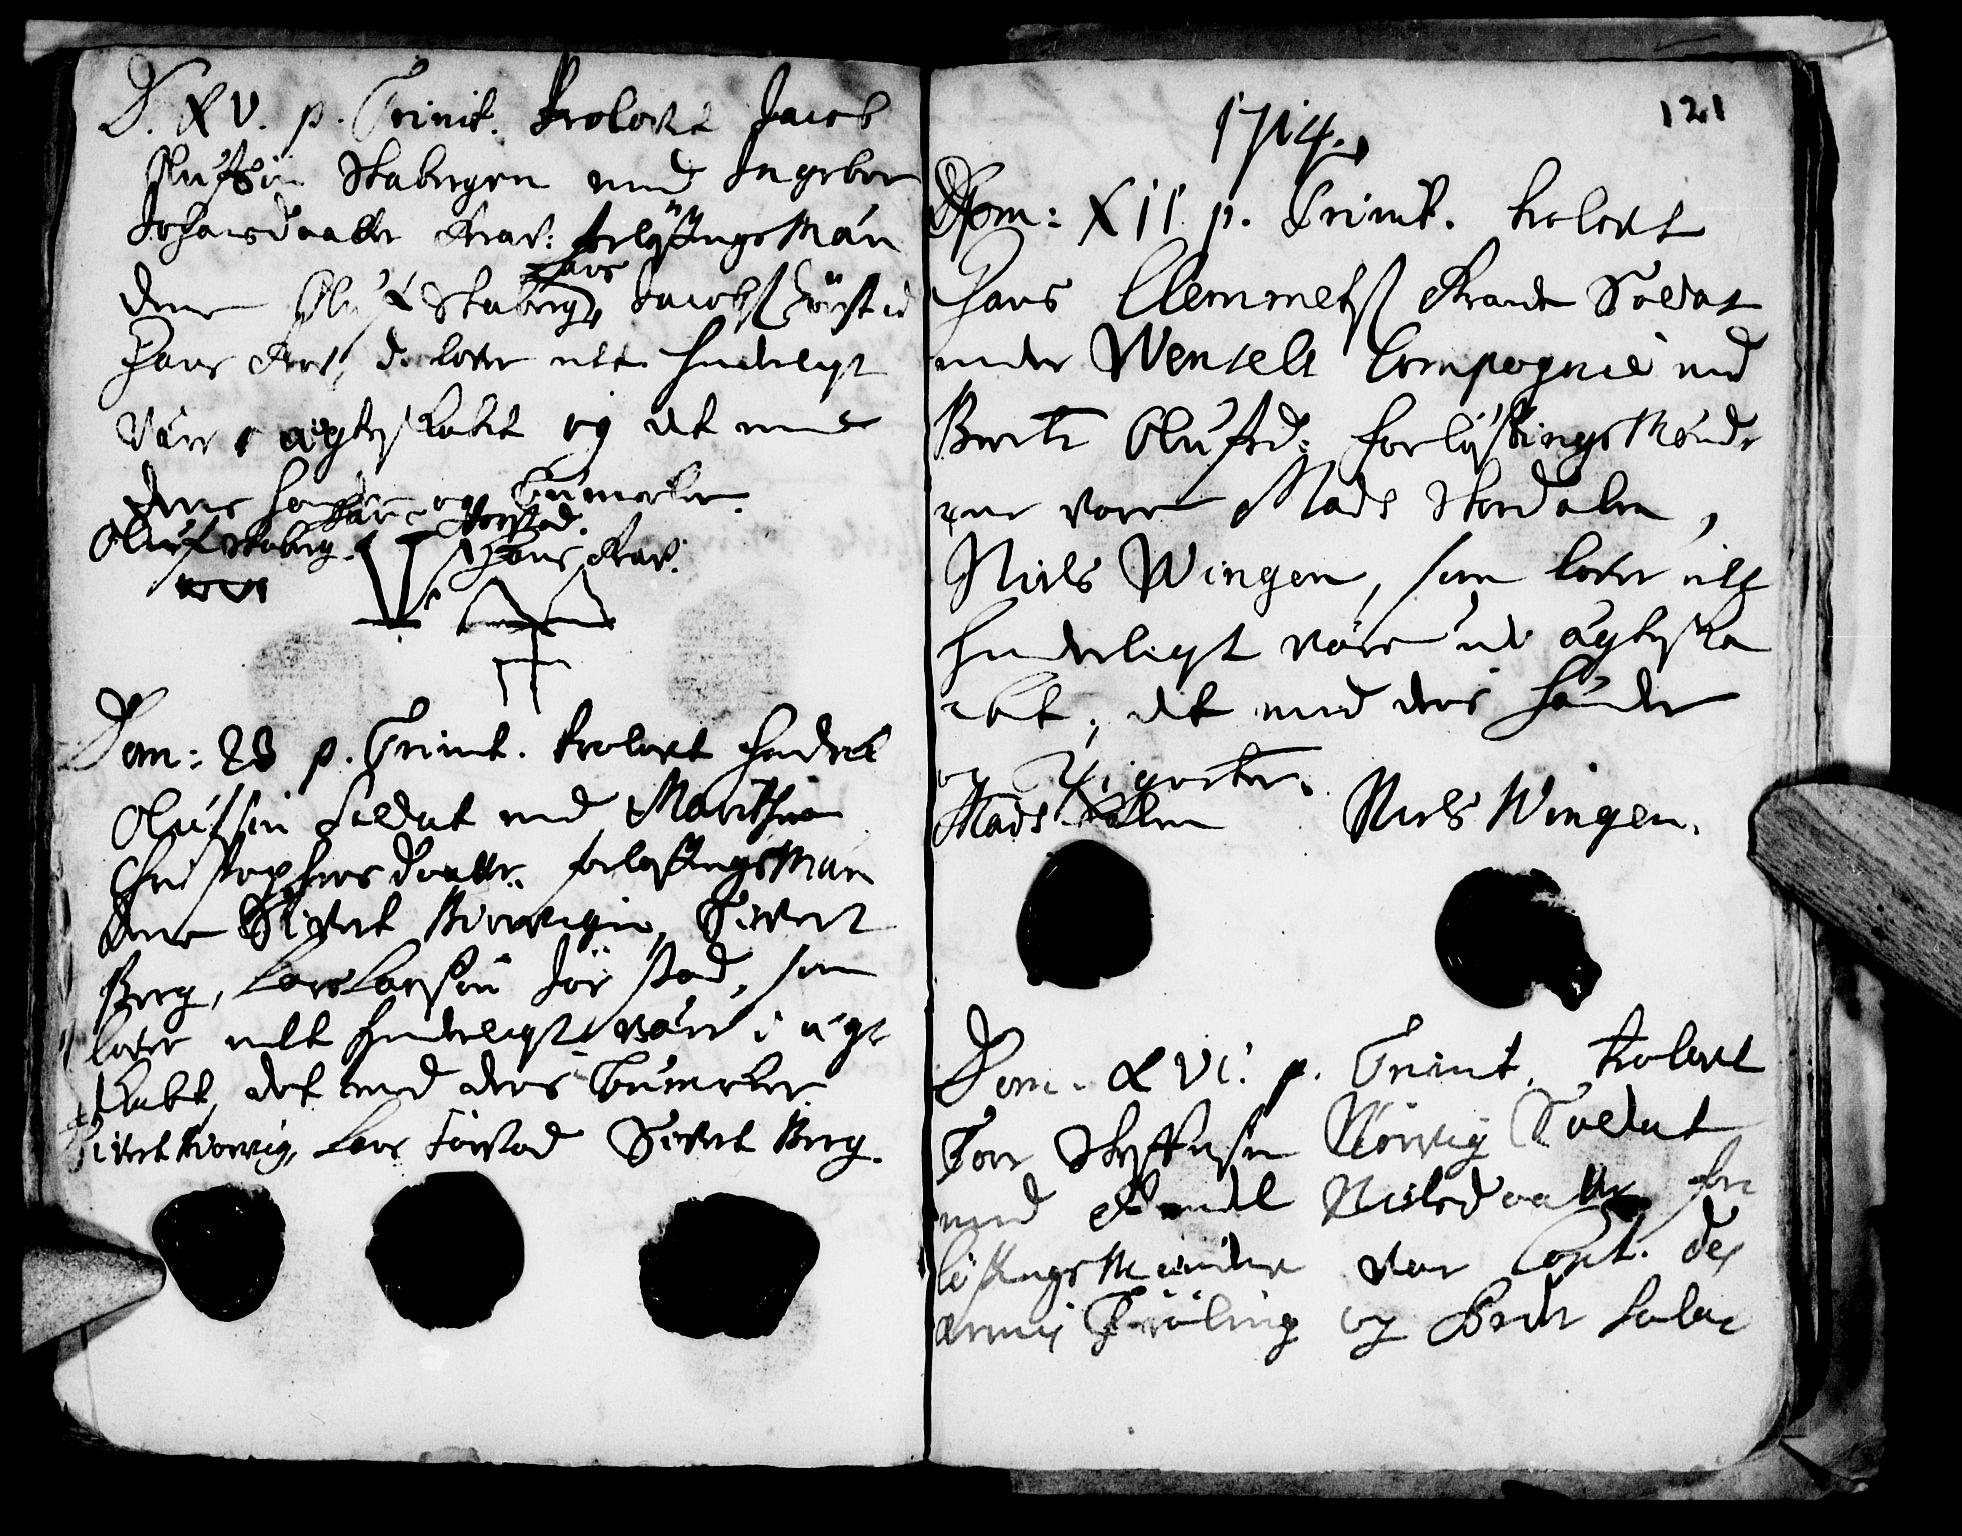 SAT, Ministerialprotokoller, klokkerbøker og fødselsregistre - Nord-Trøndelag, 722/L0214: Ministerialbok nr. 722A01, 1692-1718, s. 121